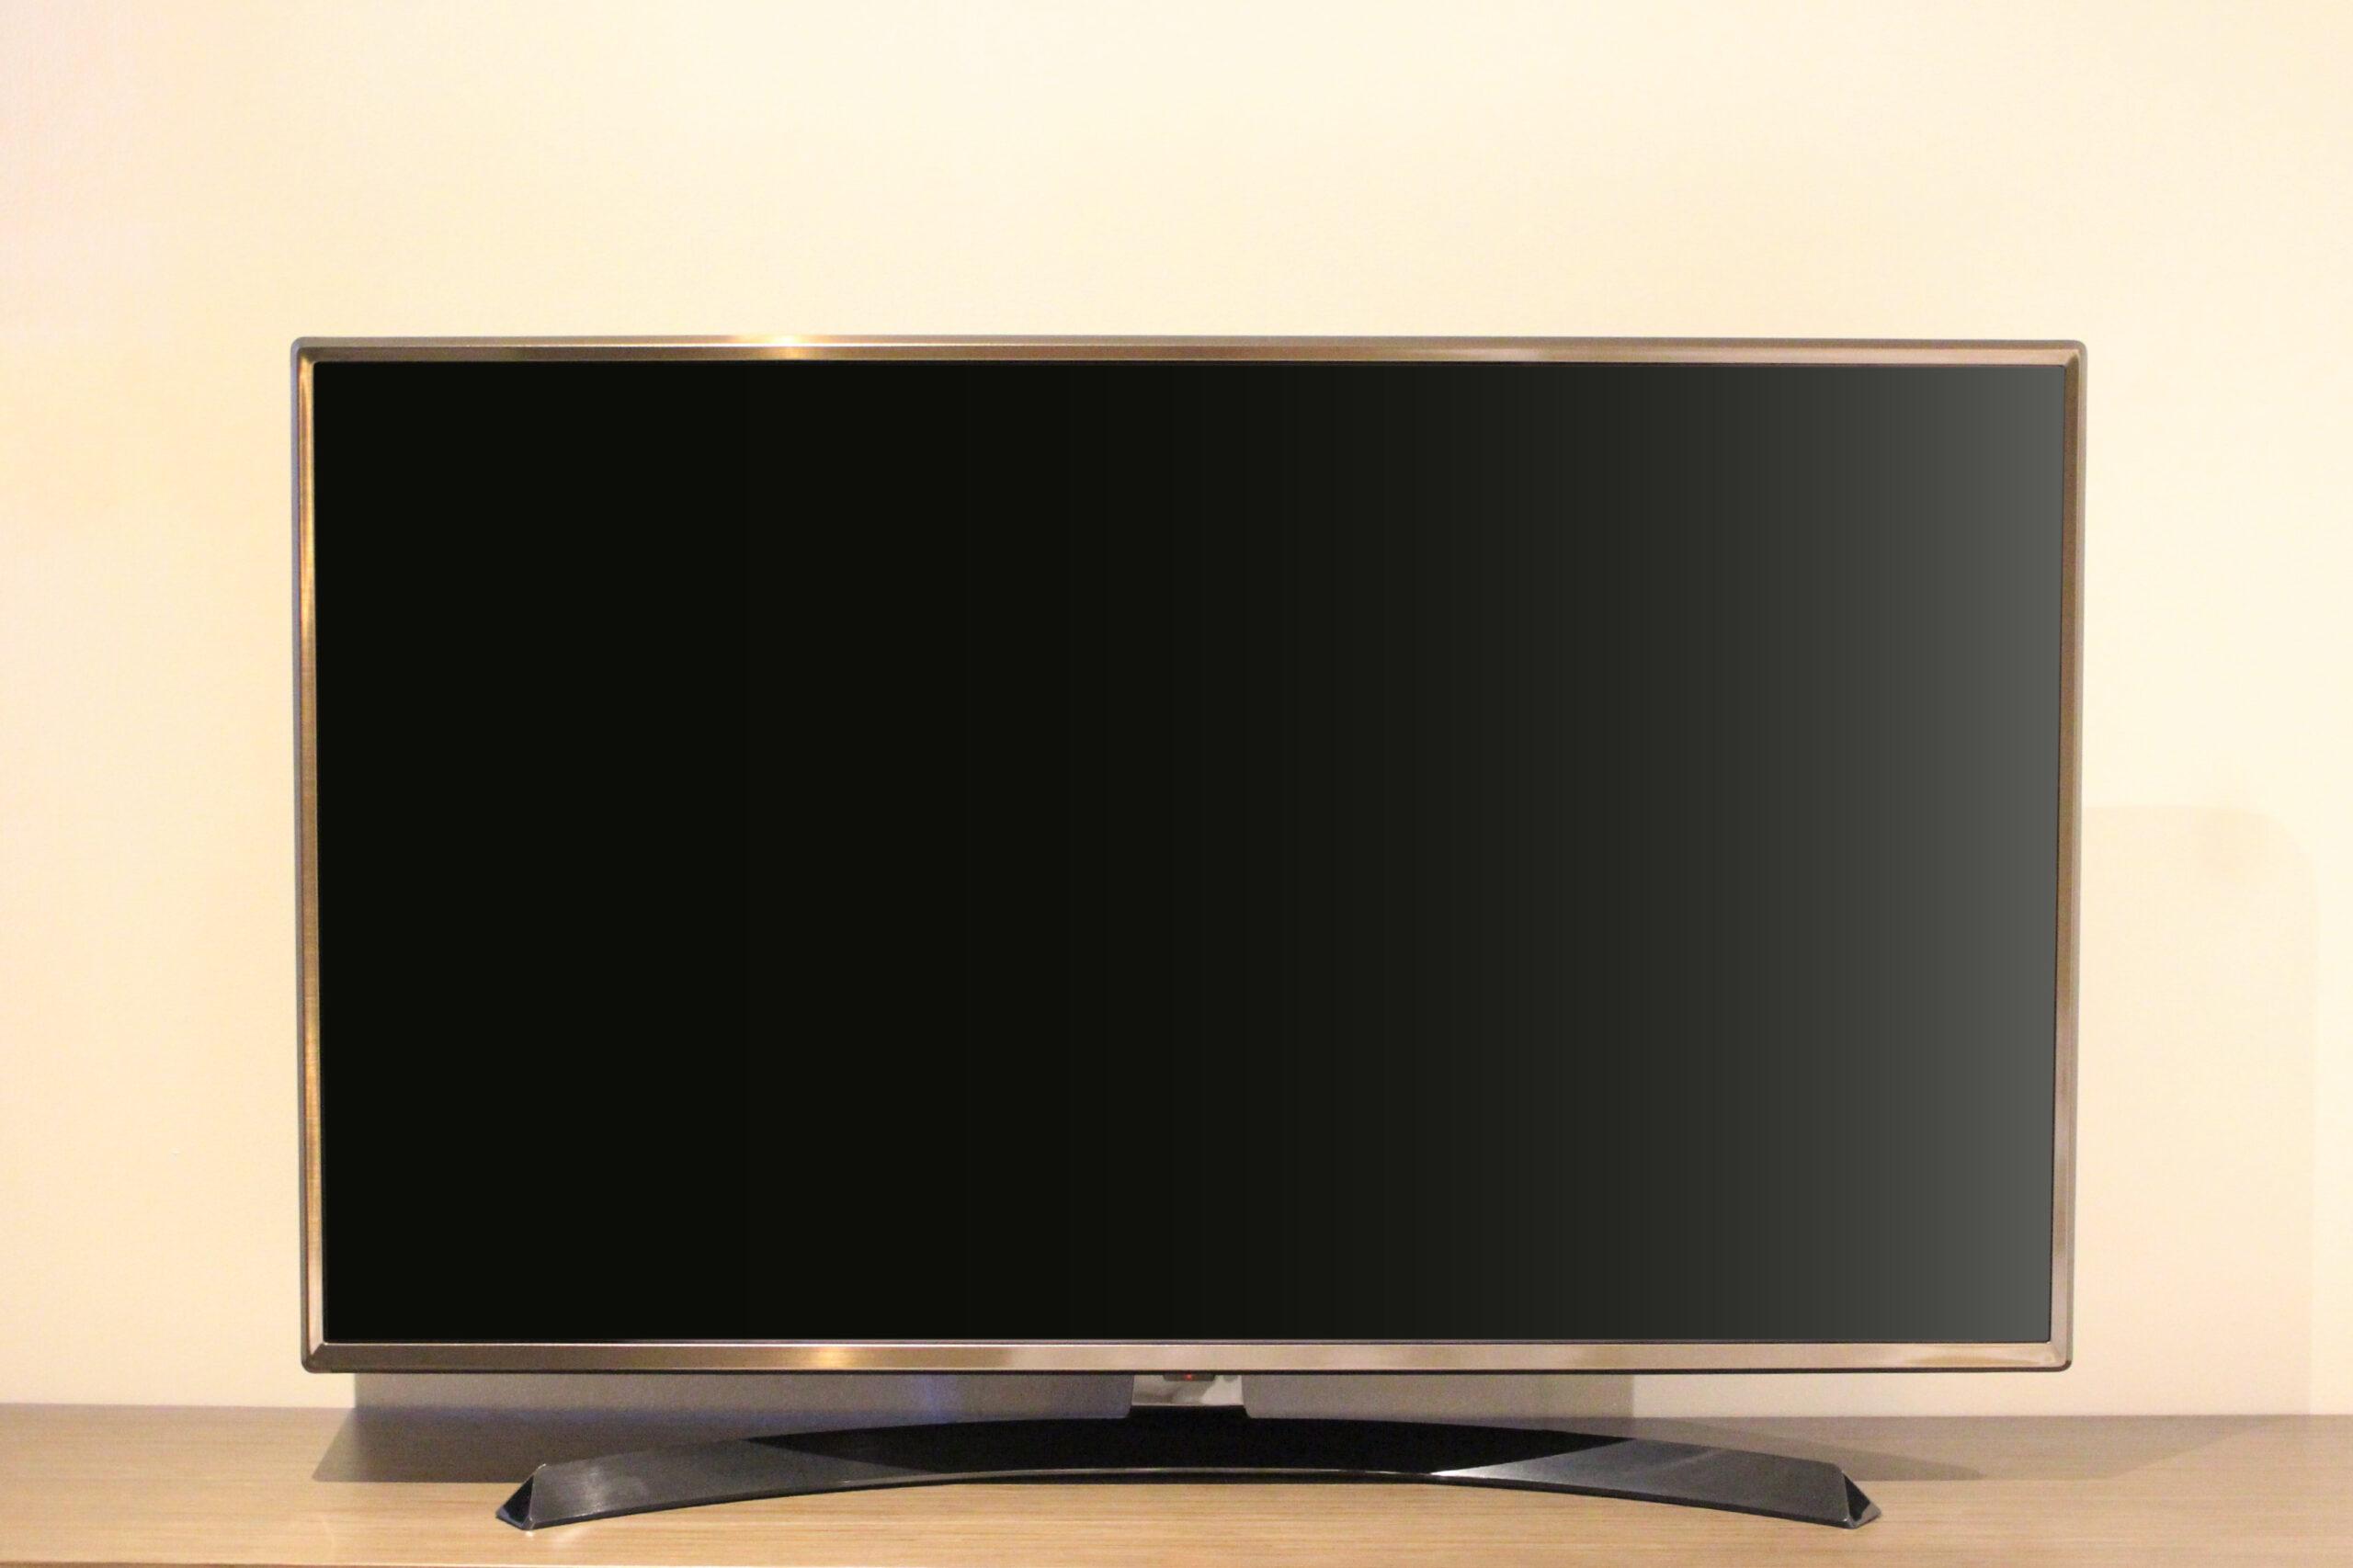 【2020】テレビ用人気スピーカー20選!高音質なおすすめ商品をご紹介!